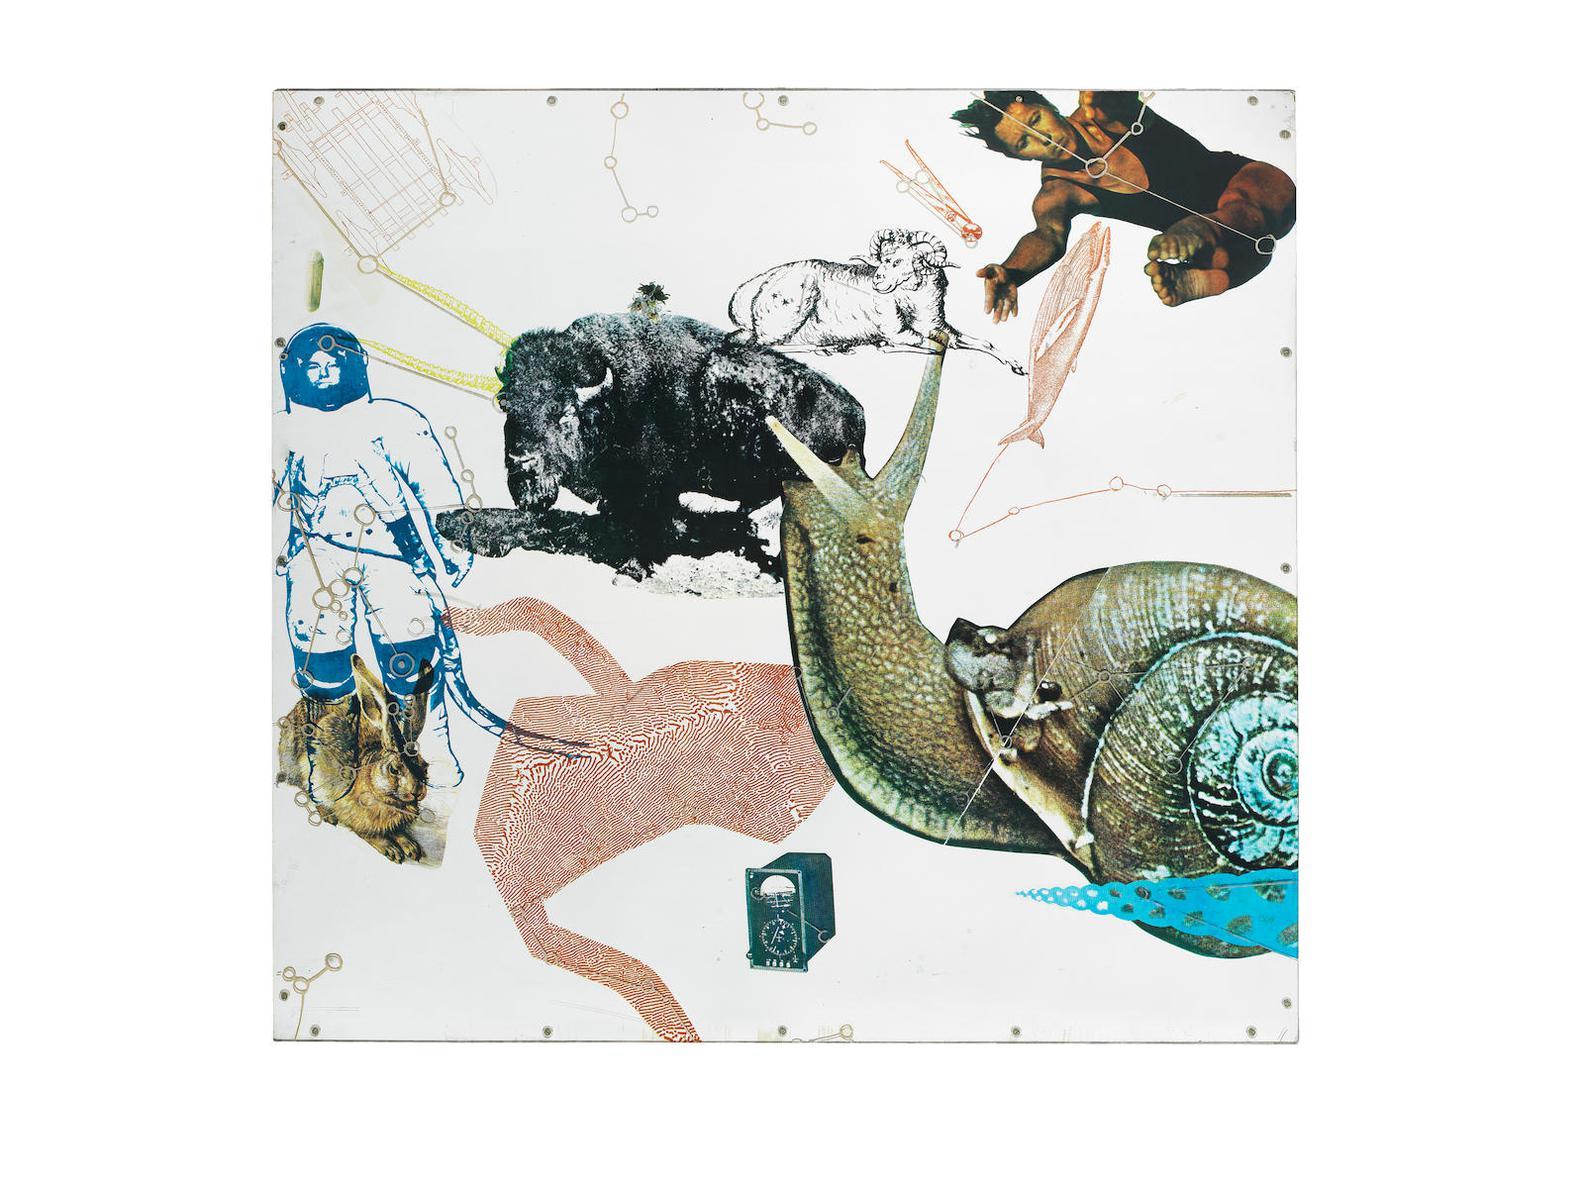 Robert Rauschenberg-Star Quarters III-1971